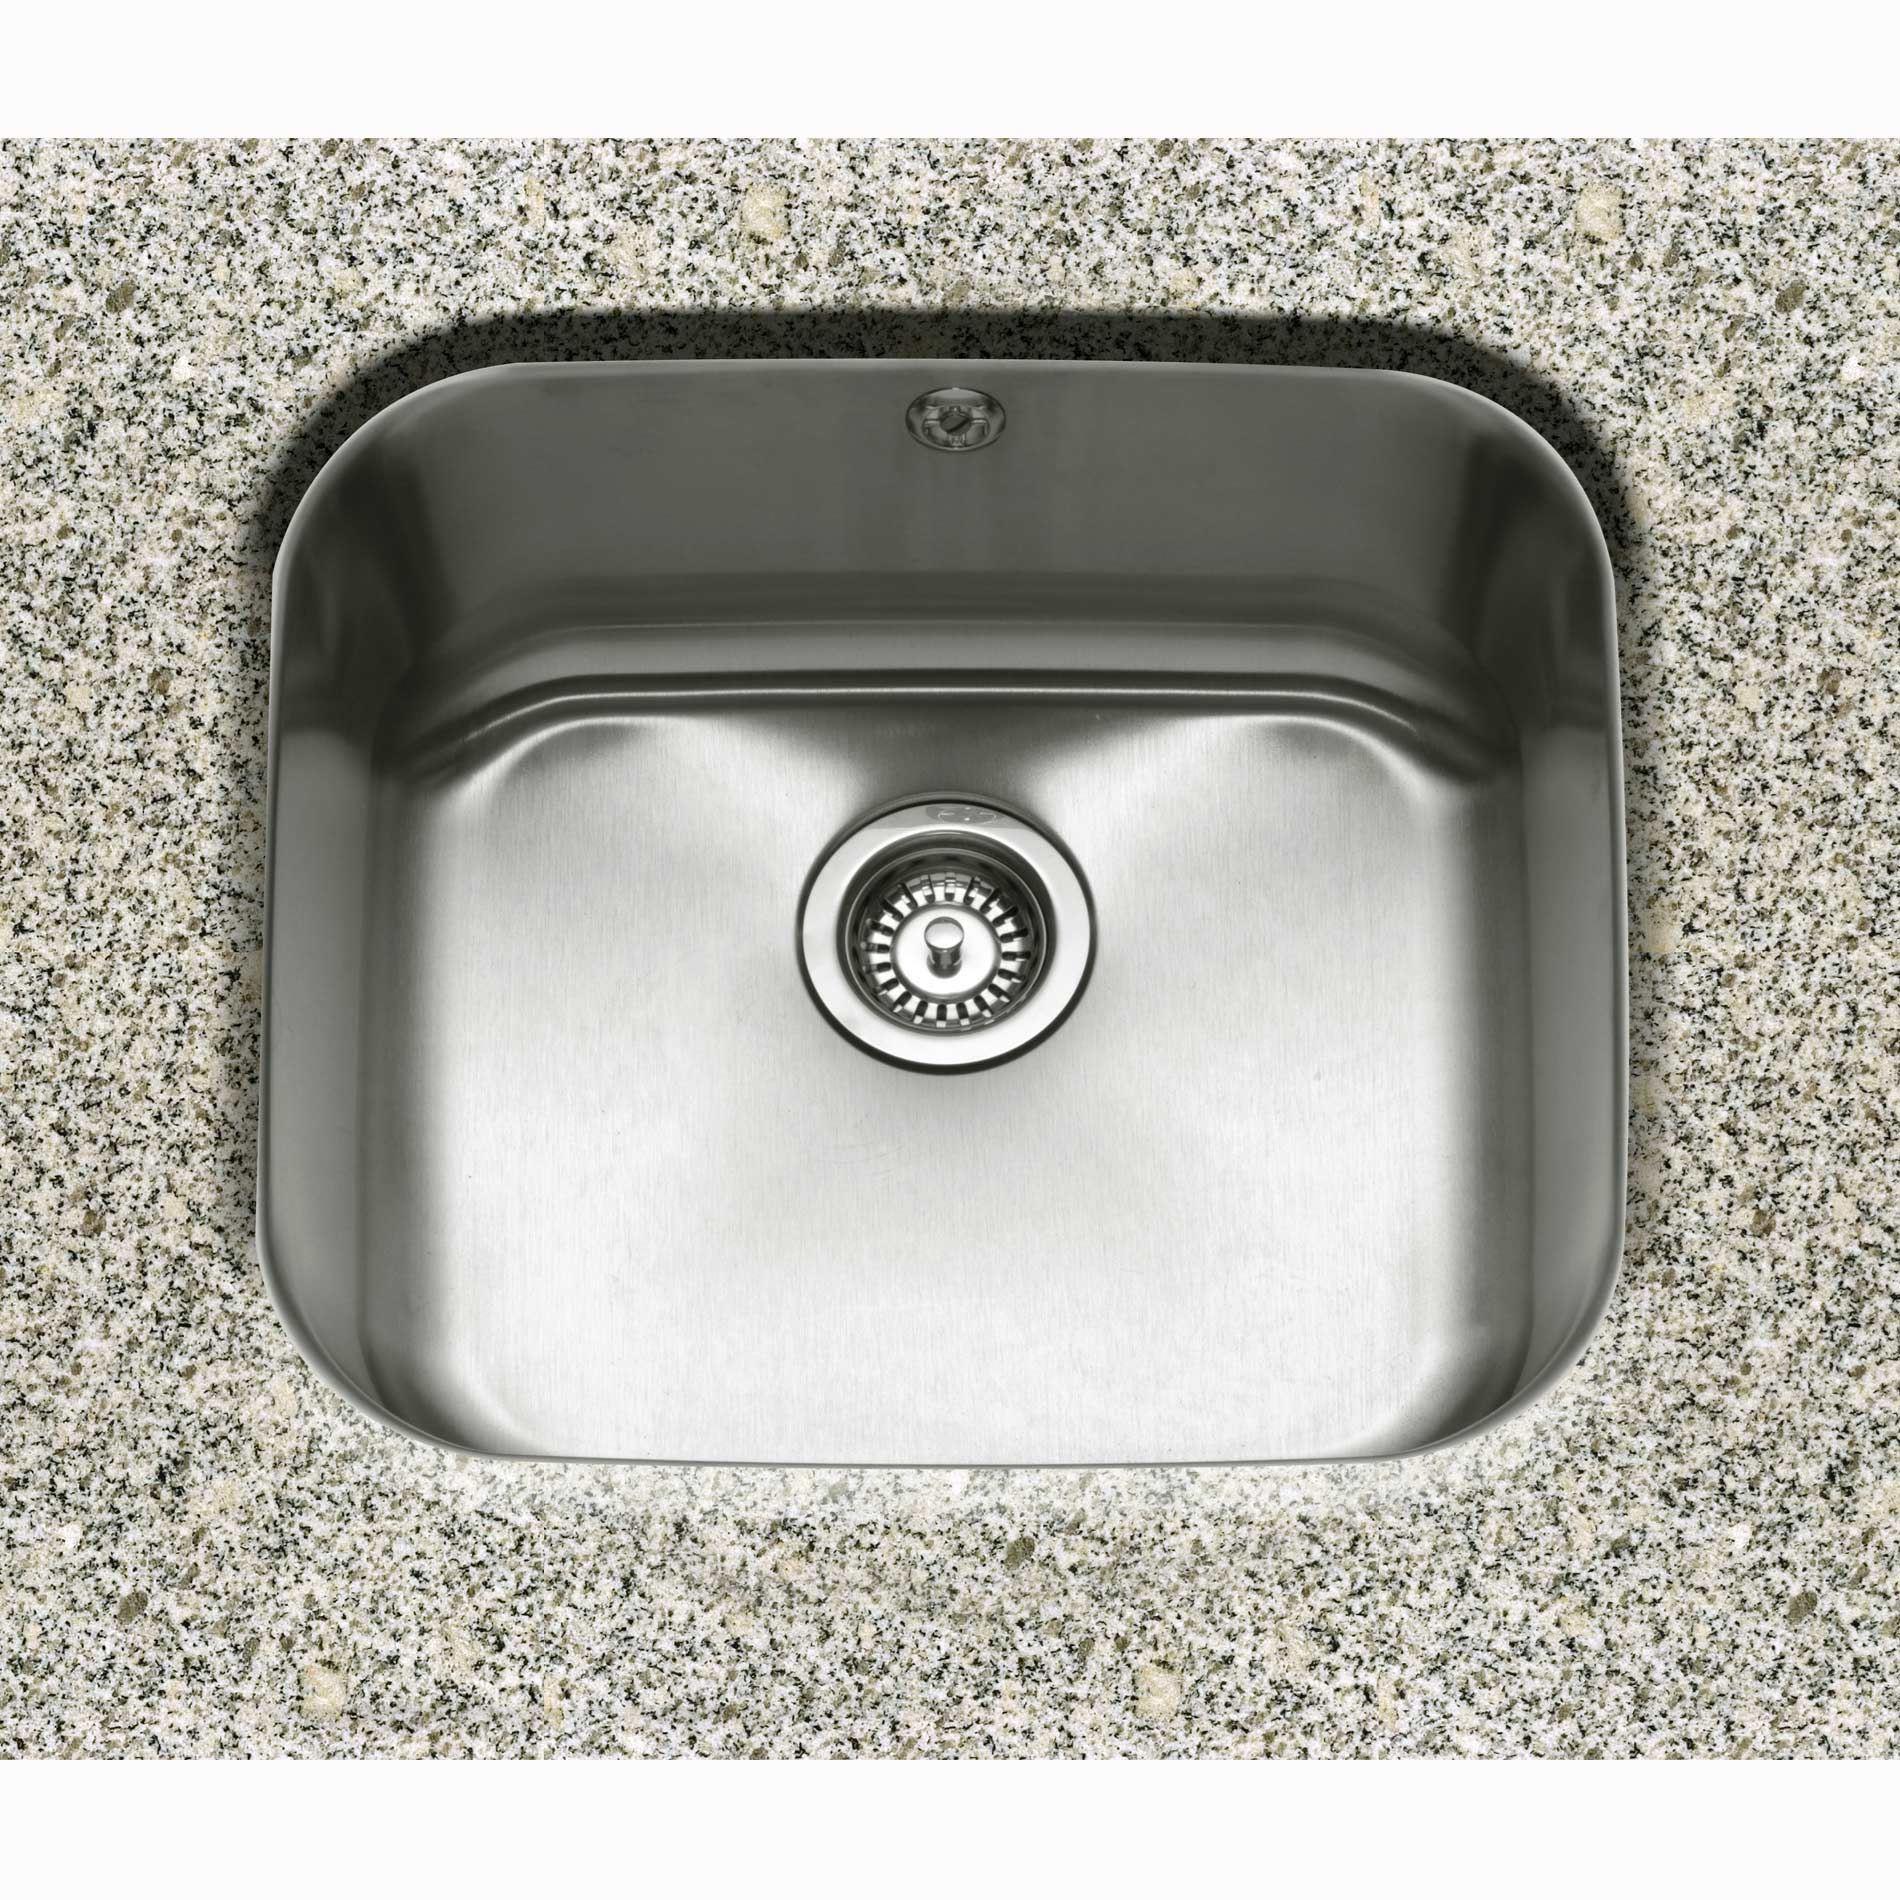 Caple Form 42 Stainless Steel Sink Kitchen Sinks Taps